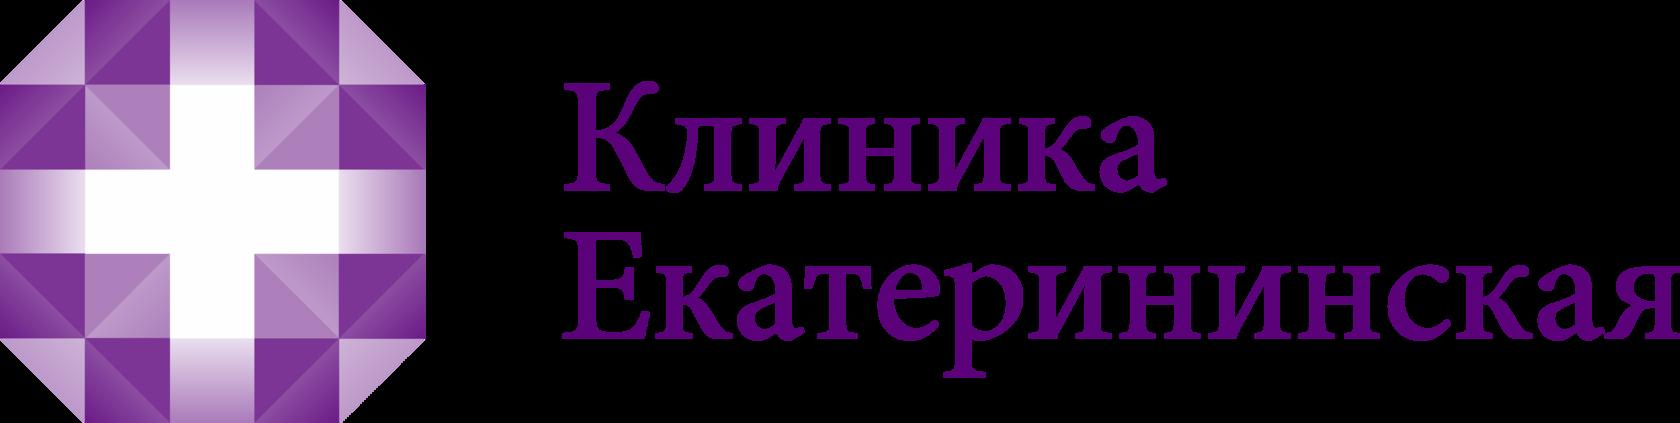 Клиника «Екатерининская» на Гаражной